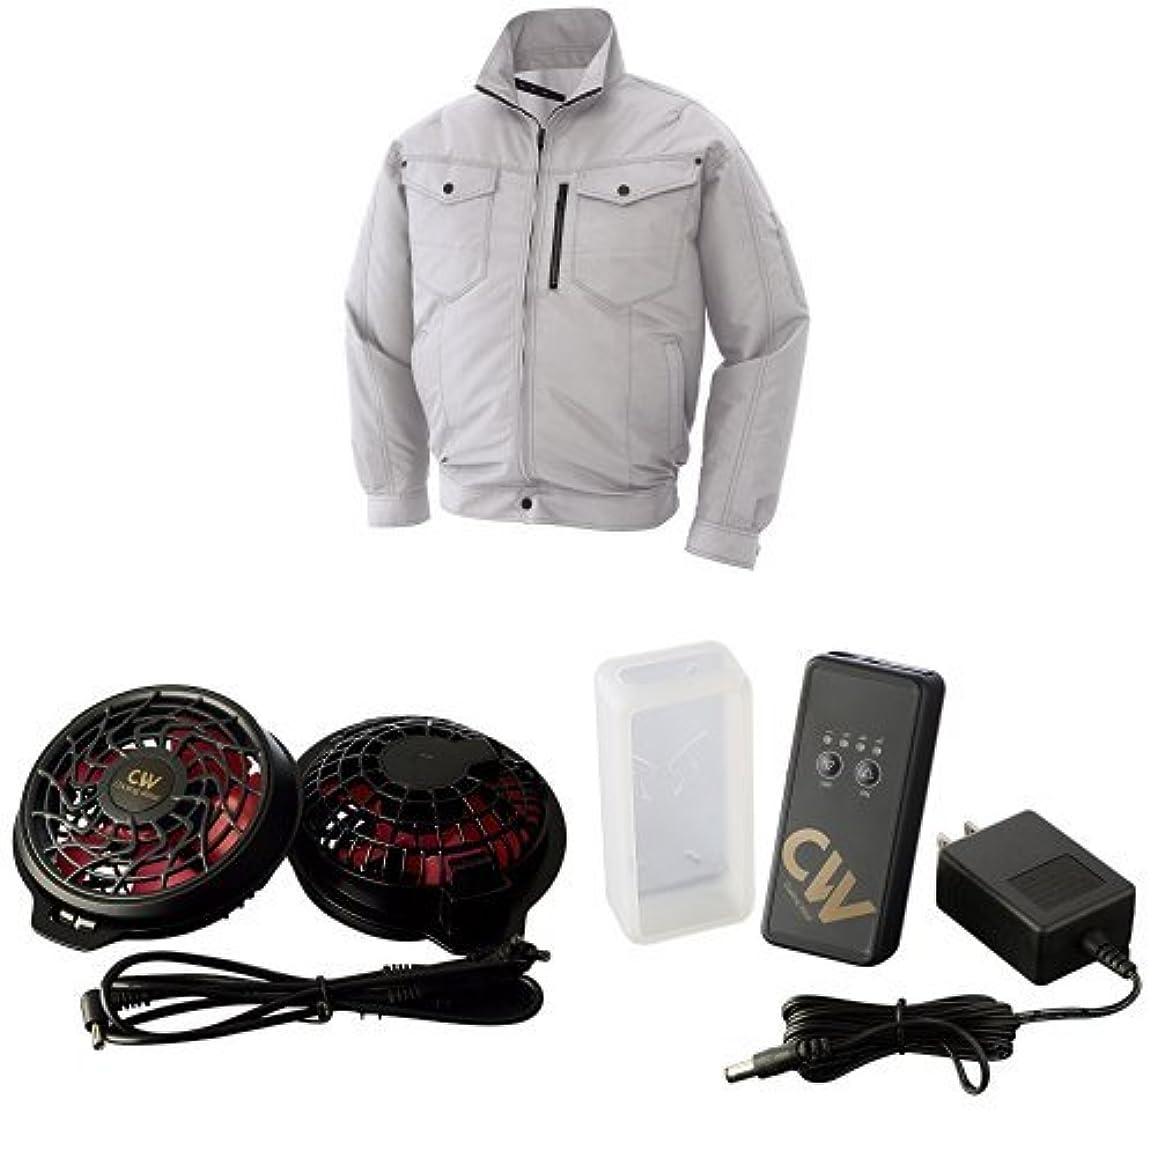 柔らかいあいまいアフリカSUN-S(サンエス) 空調風神服 長袖ブルゾン トロピカルイージーケア (ハイパワー斜めファン+小型バッテリーセット) KU95100 シルバー LL